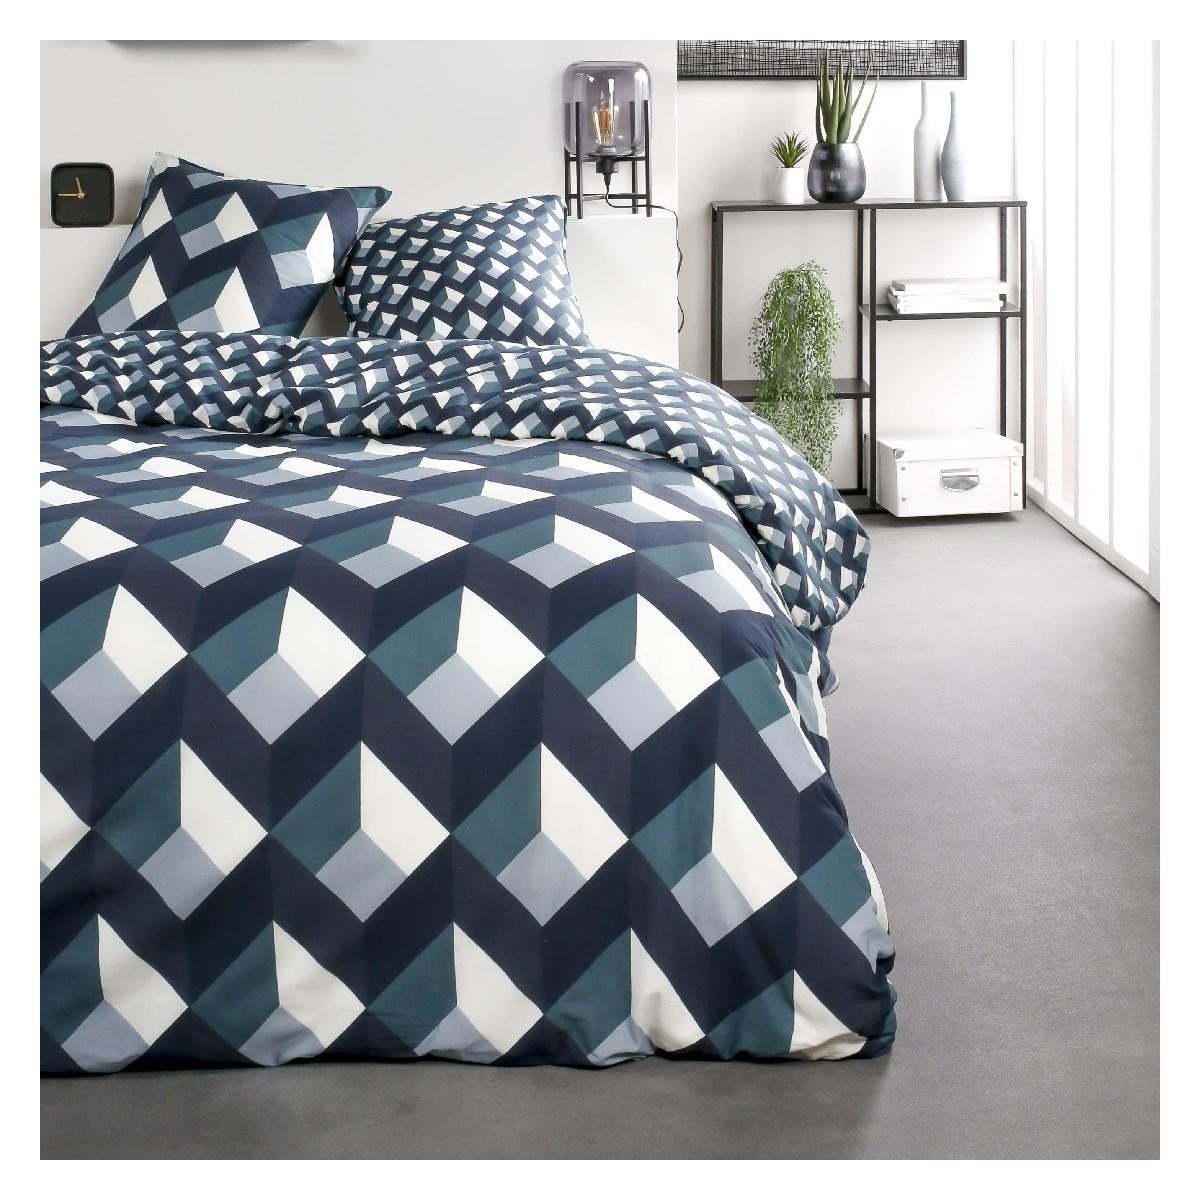 Parure de lit 2 personnes imprimé en Coton Bleu 220x240 cm